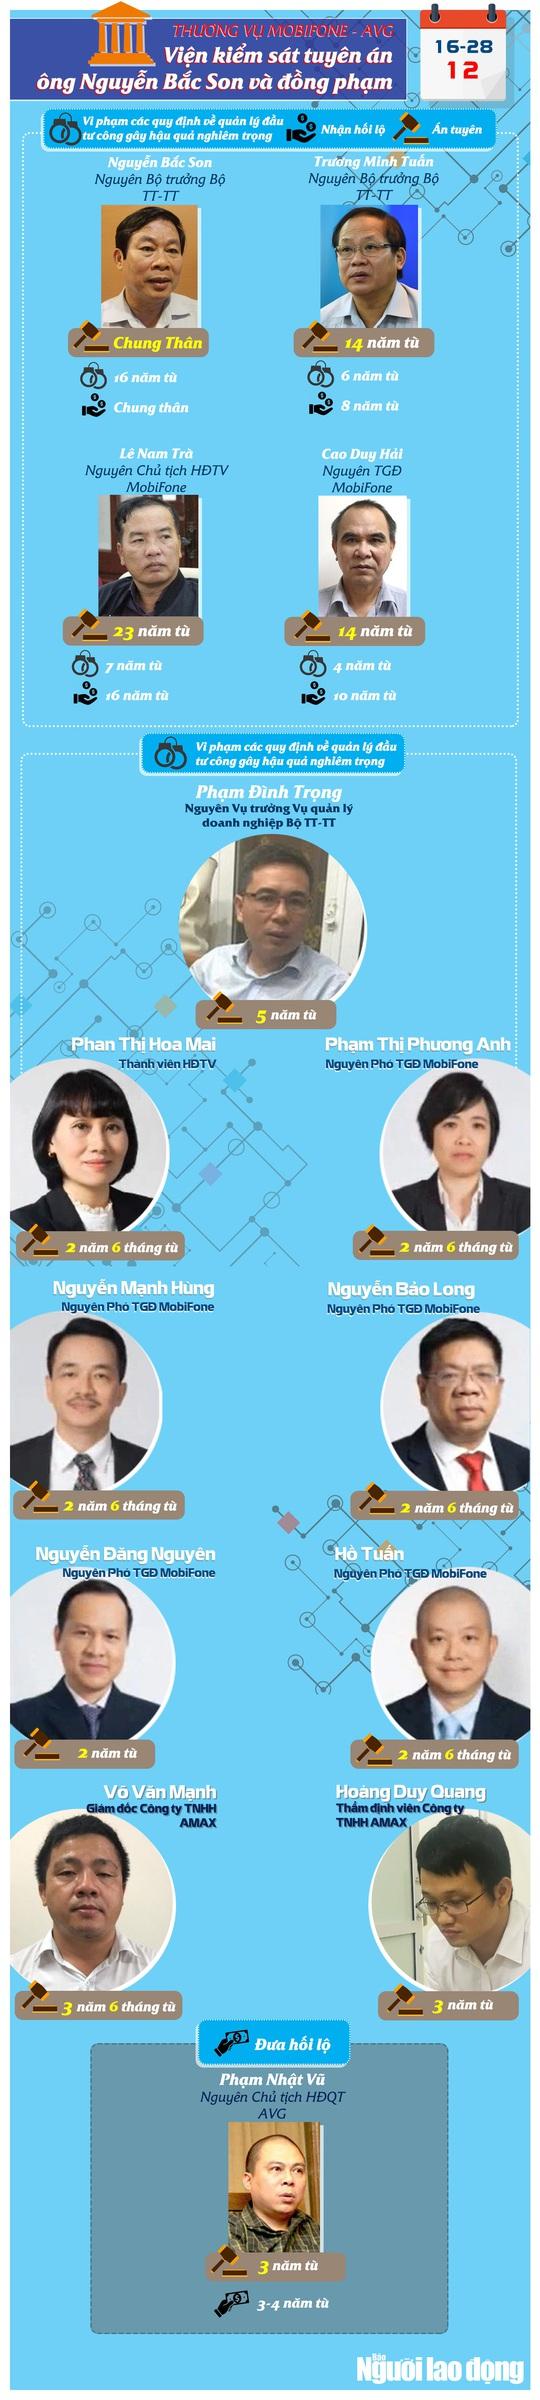 [Infographic] Thương vụ Mobifone mua AVG: Mức án cụ thể dành cho 2 cựu bộ trưởng và 12 đồng phạm - Ảnh 1.